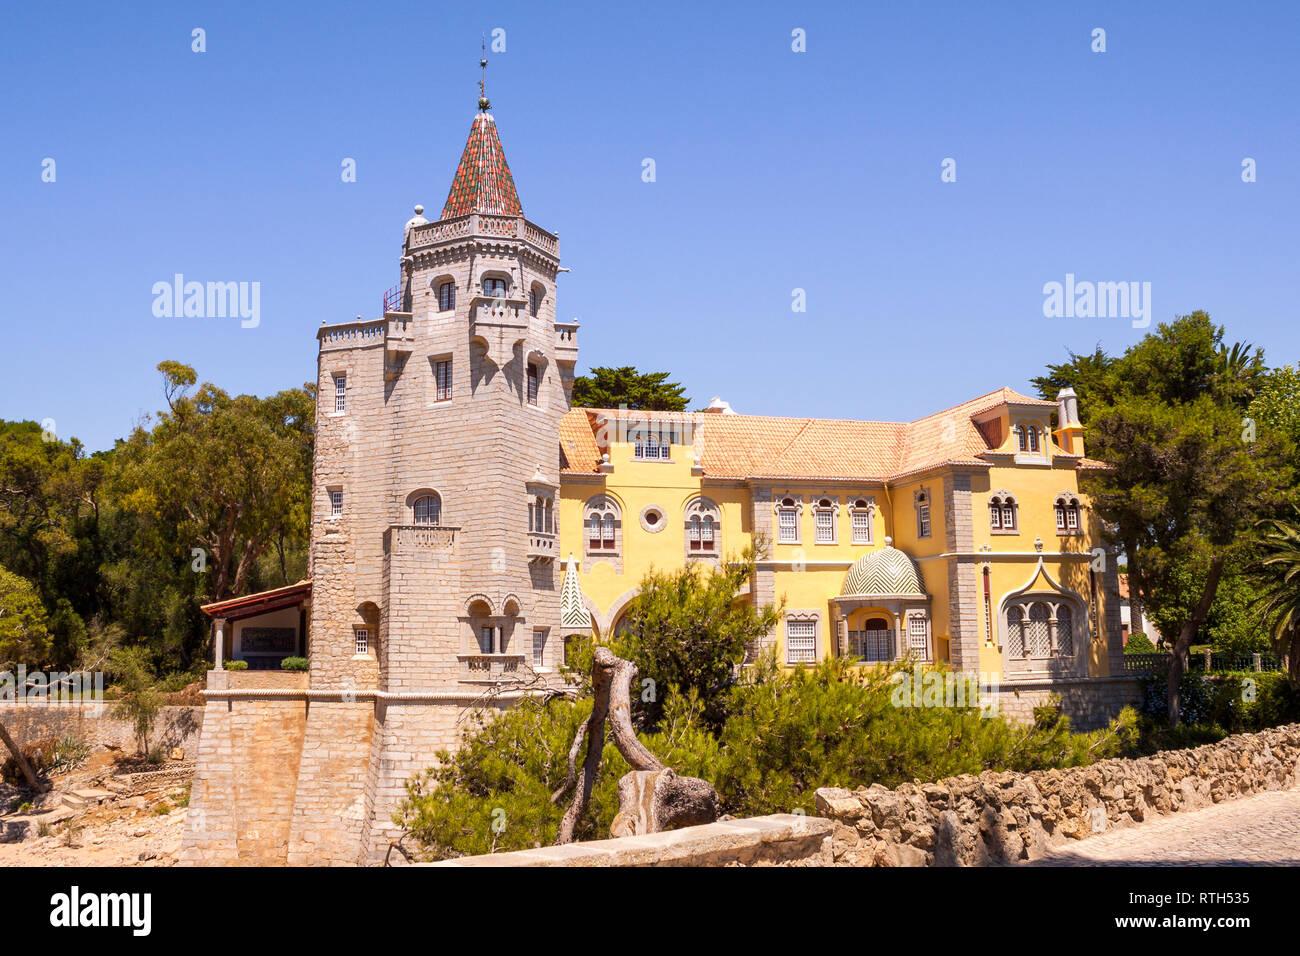 Exterior de los Condes de Castro Guimaraes Museum, originalmente conocido como 'Torre de S. Sebastiao' (San Sebastián de la torre). Fue construido en el año 1900 en Cascais, L Foto de stock